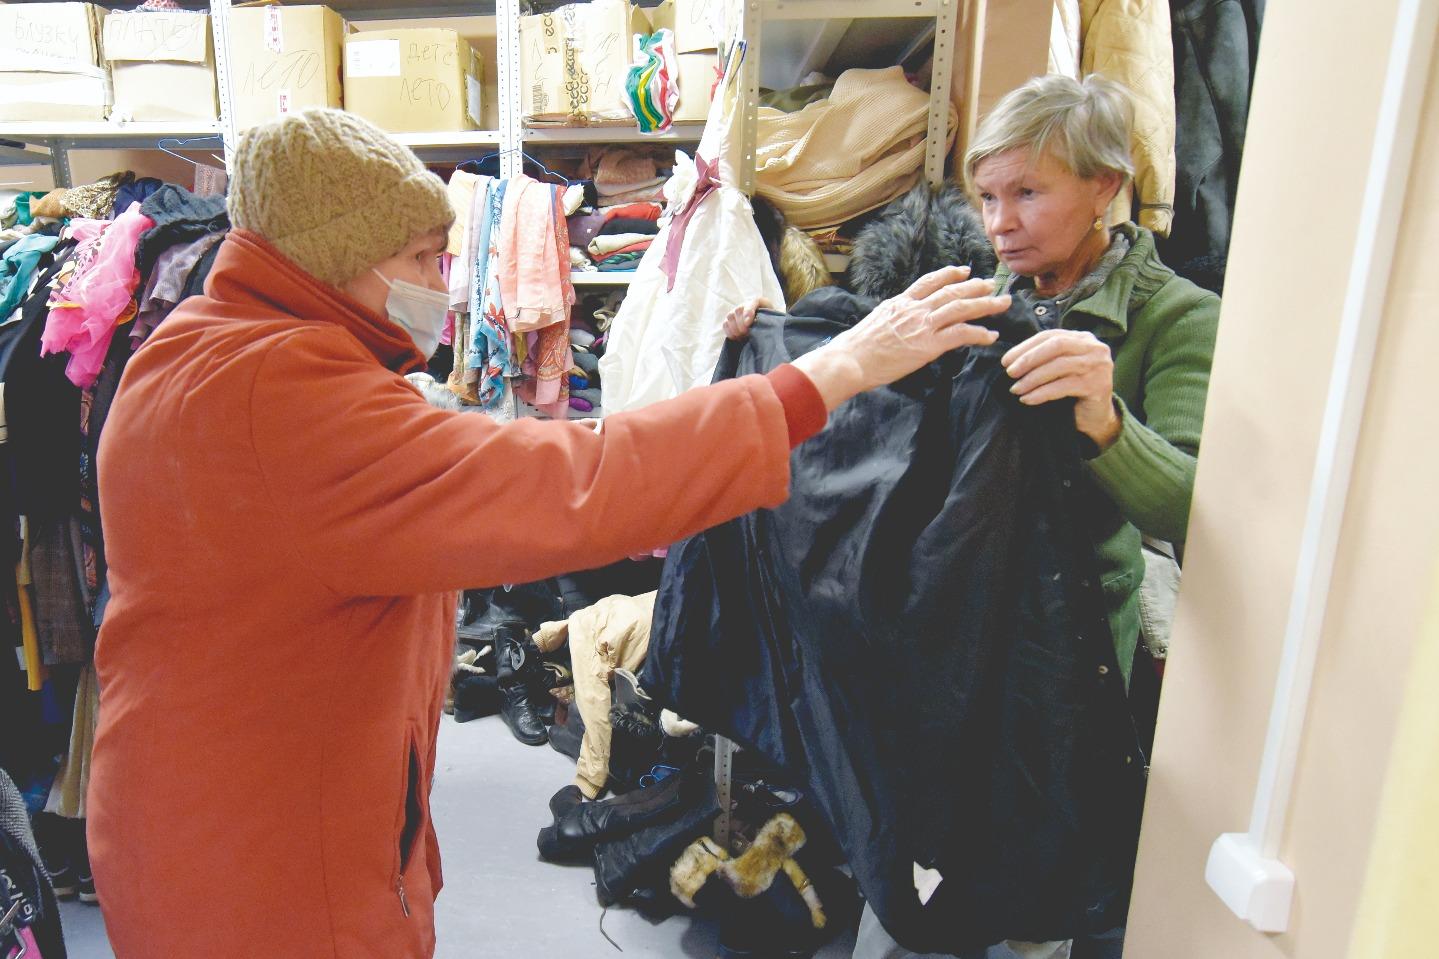 Найти нужную вещь посетителям центра помогают волонтеры